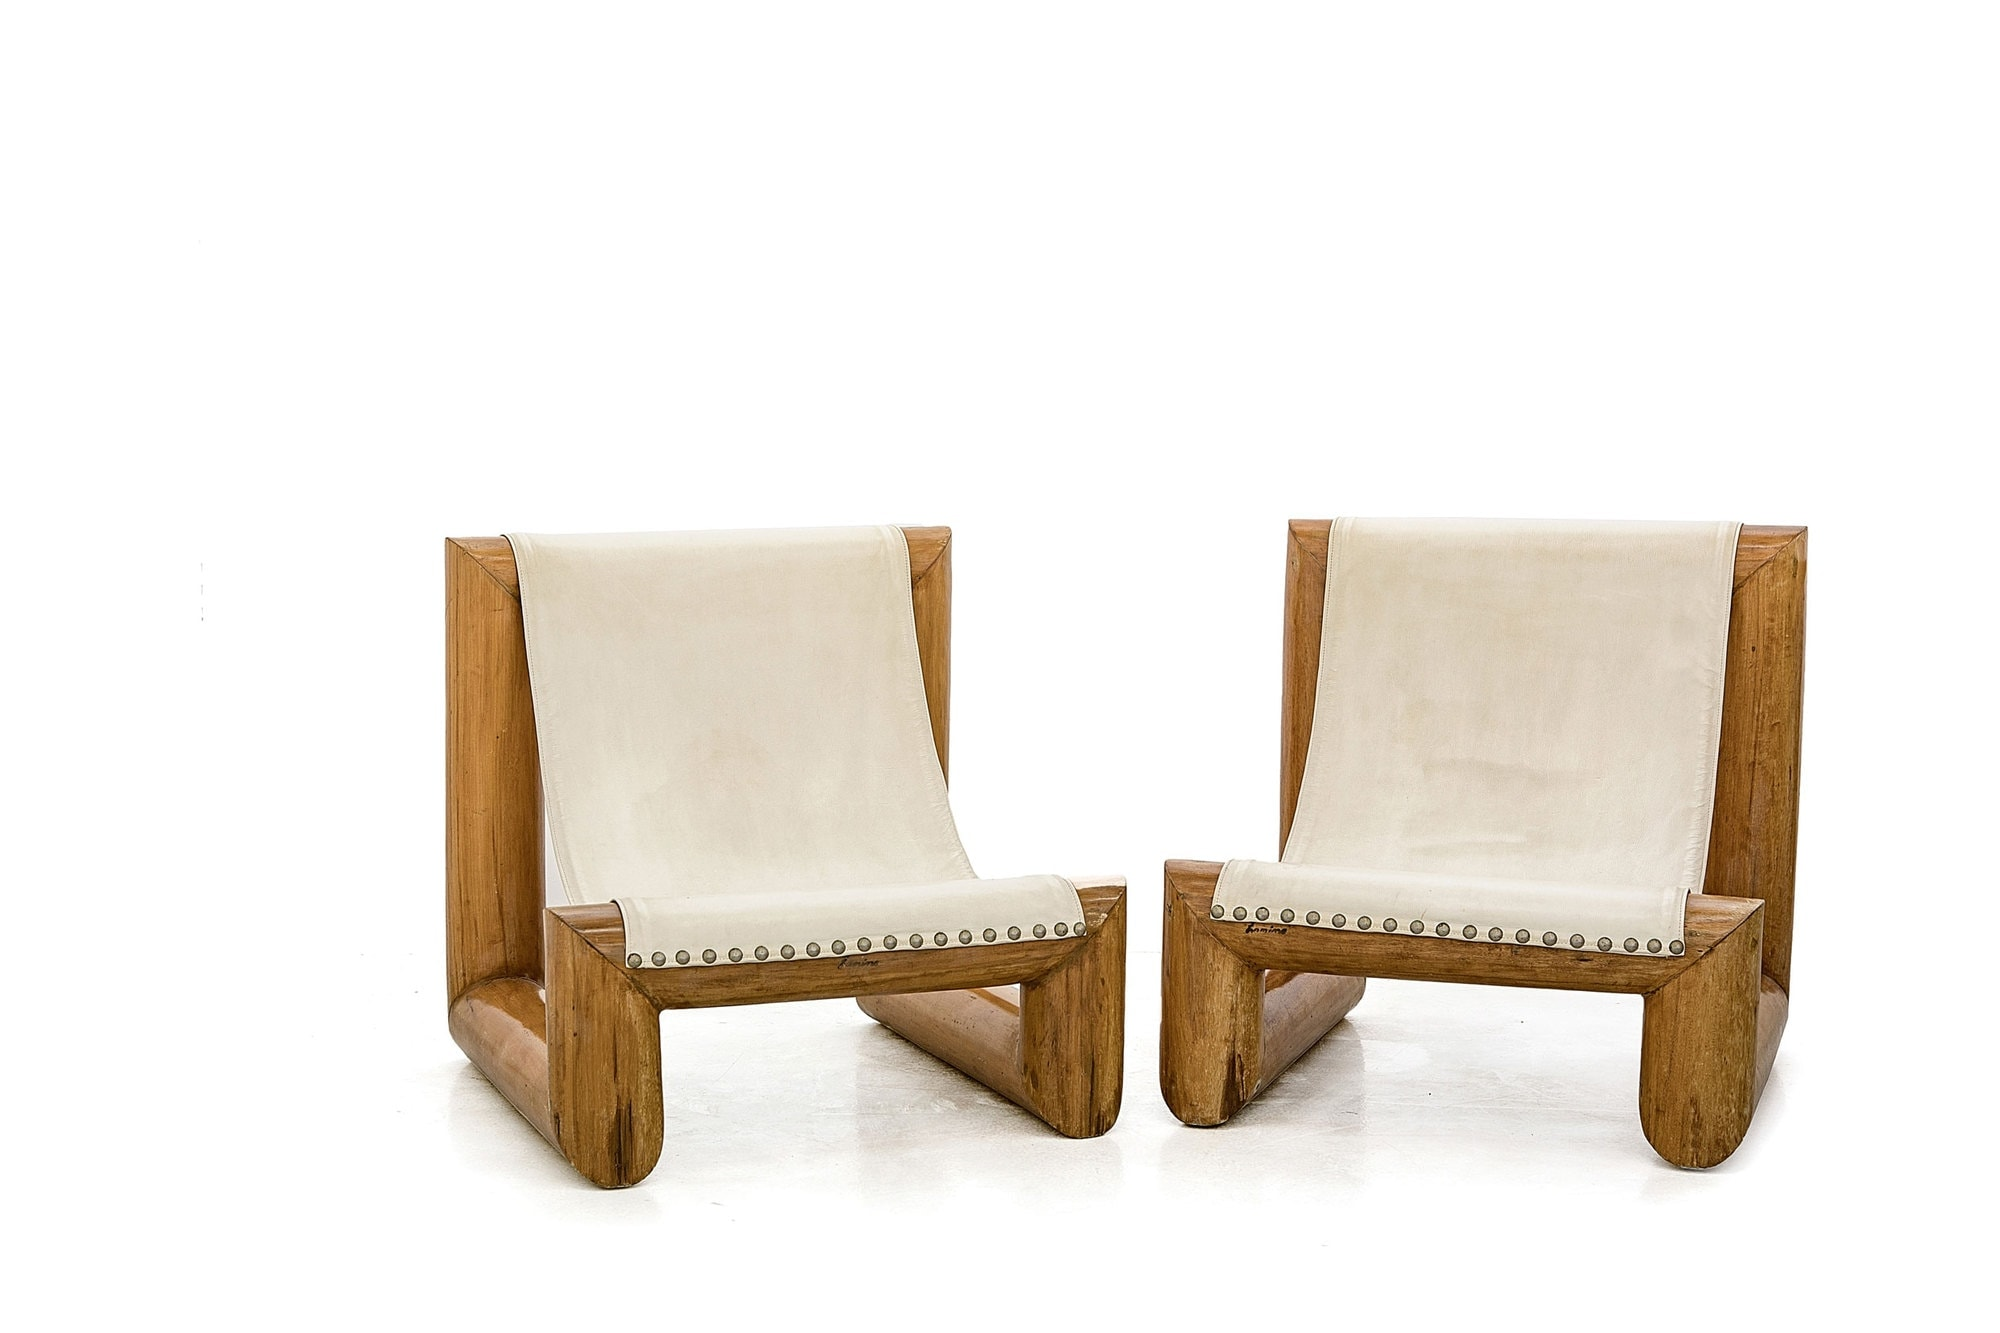 Jose Zanine Caldas, Très rare paire de sièges 'Tronco' (vendue), vue 01